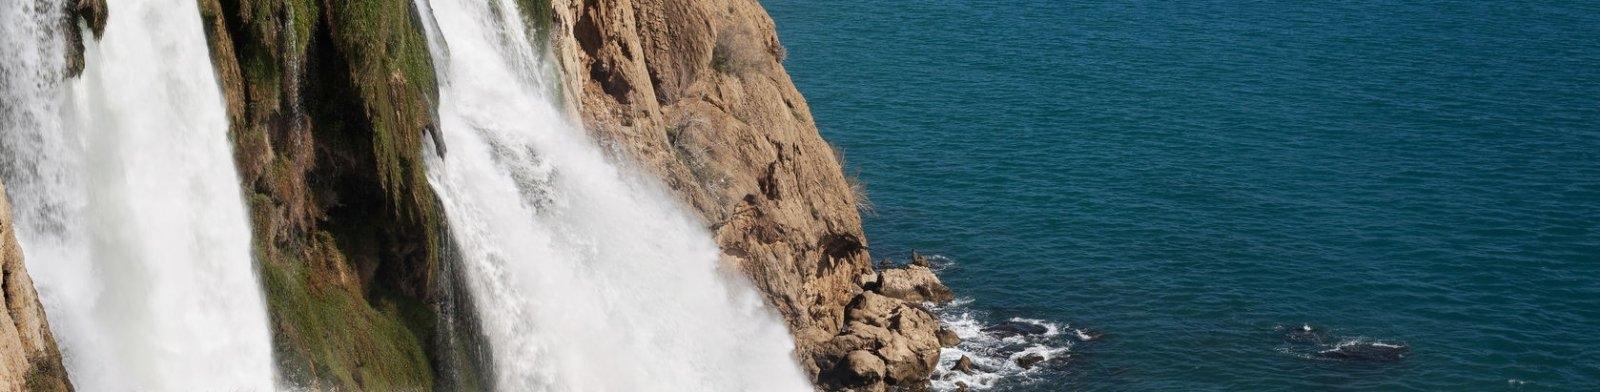 Lara waterfall